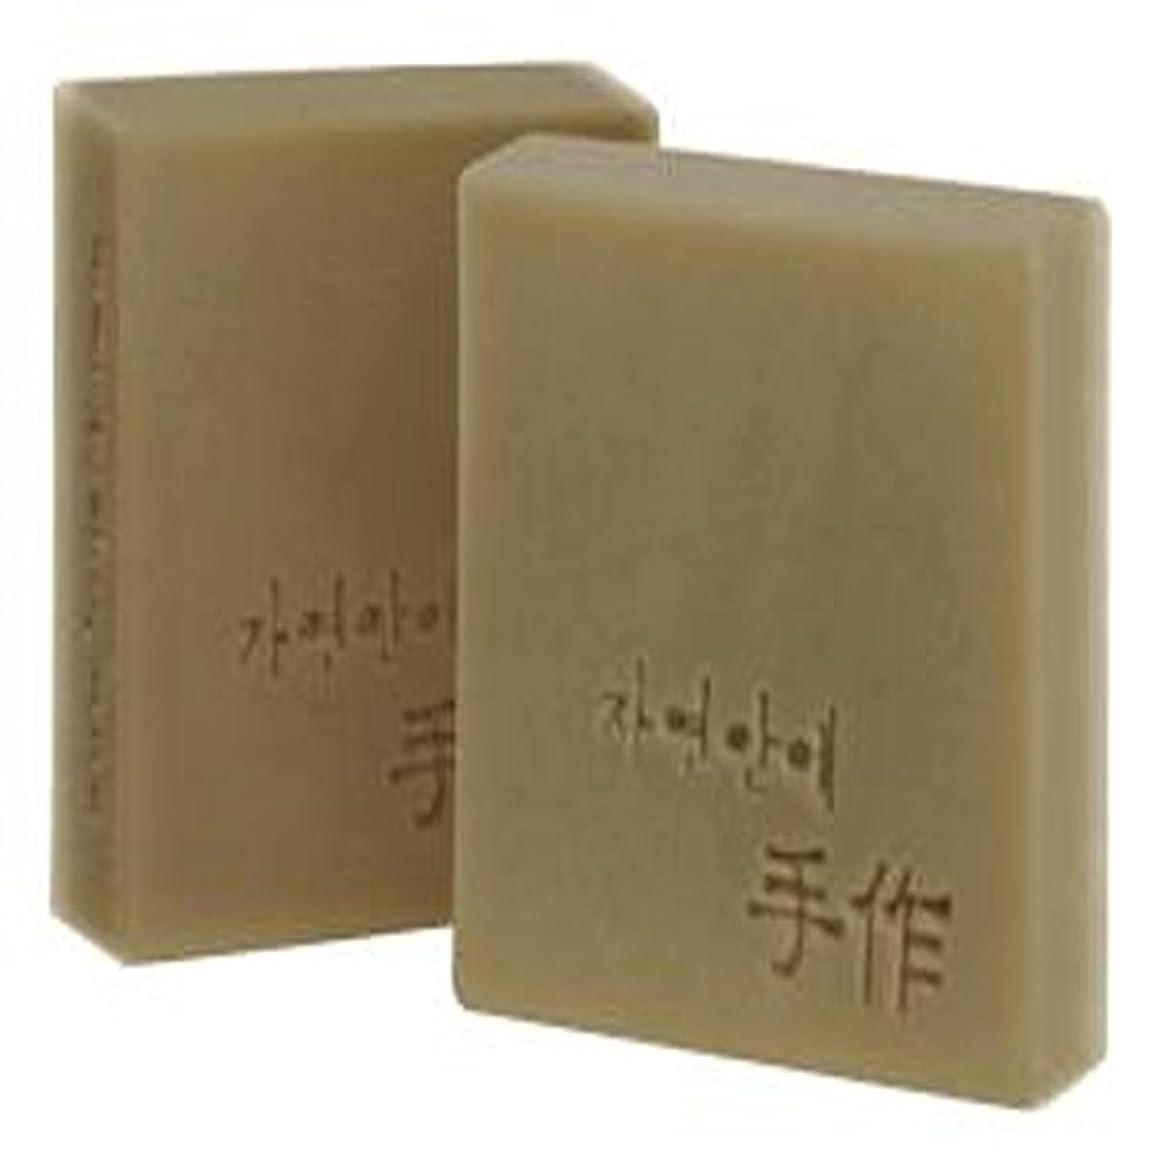 娘みぞれ避難するNatural organic 有機天然ソープ 固形 無添加 洗顔せっけんクレンジング 石鹸 [並行輸入品] (オートミール)